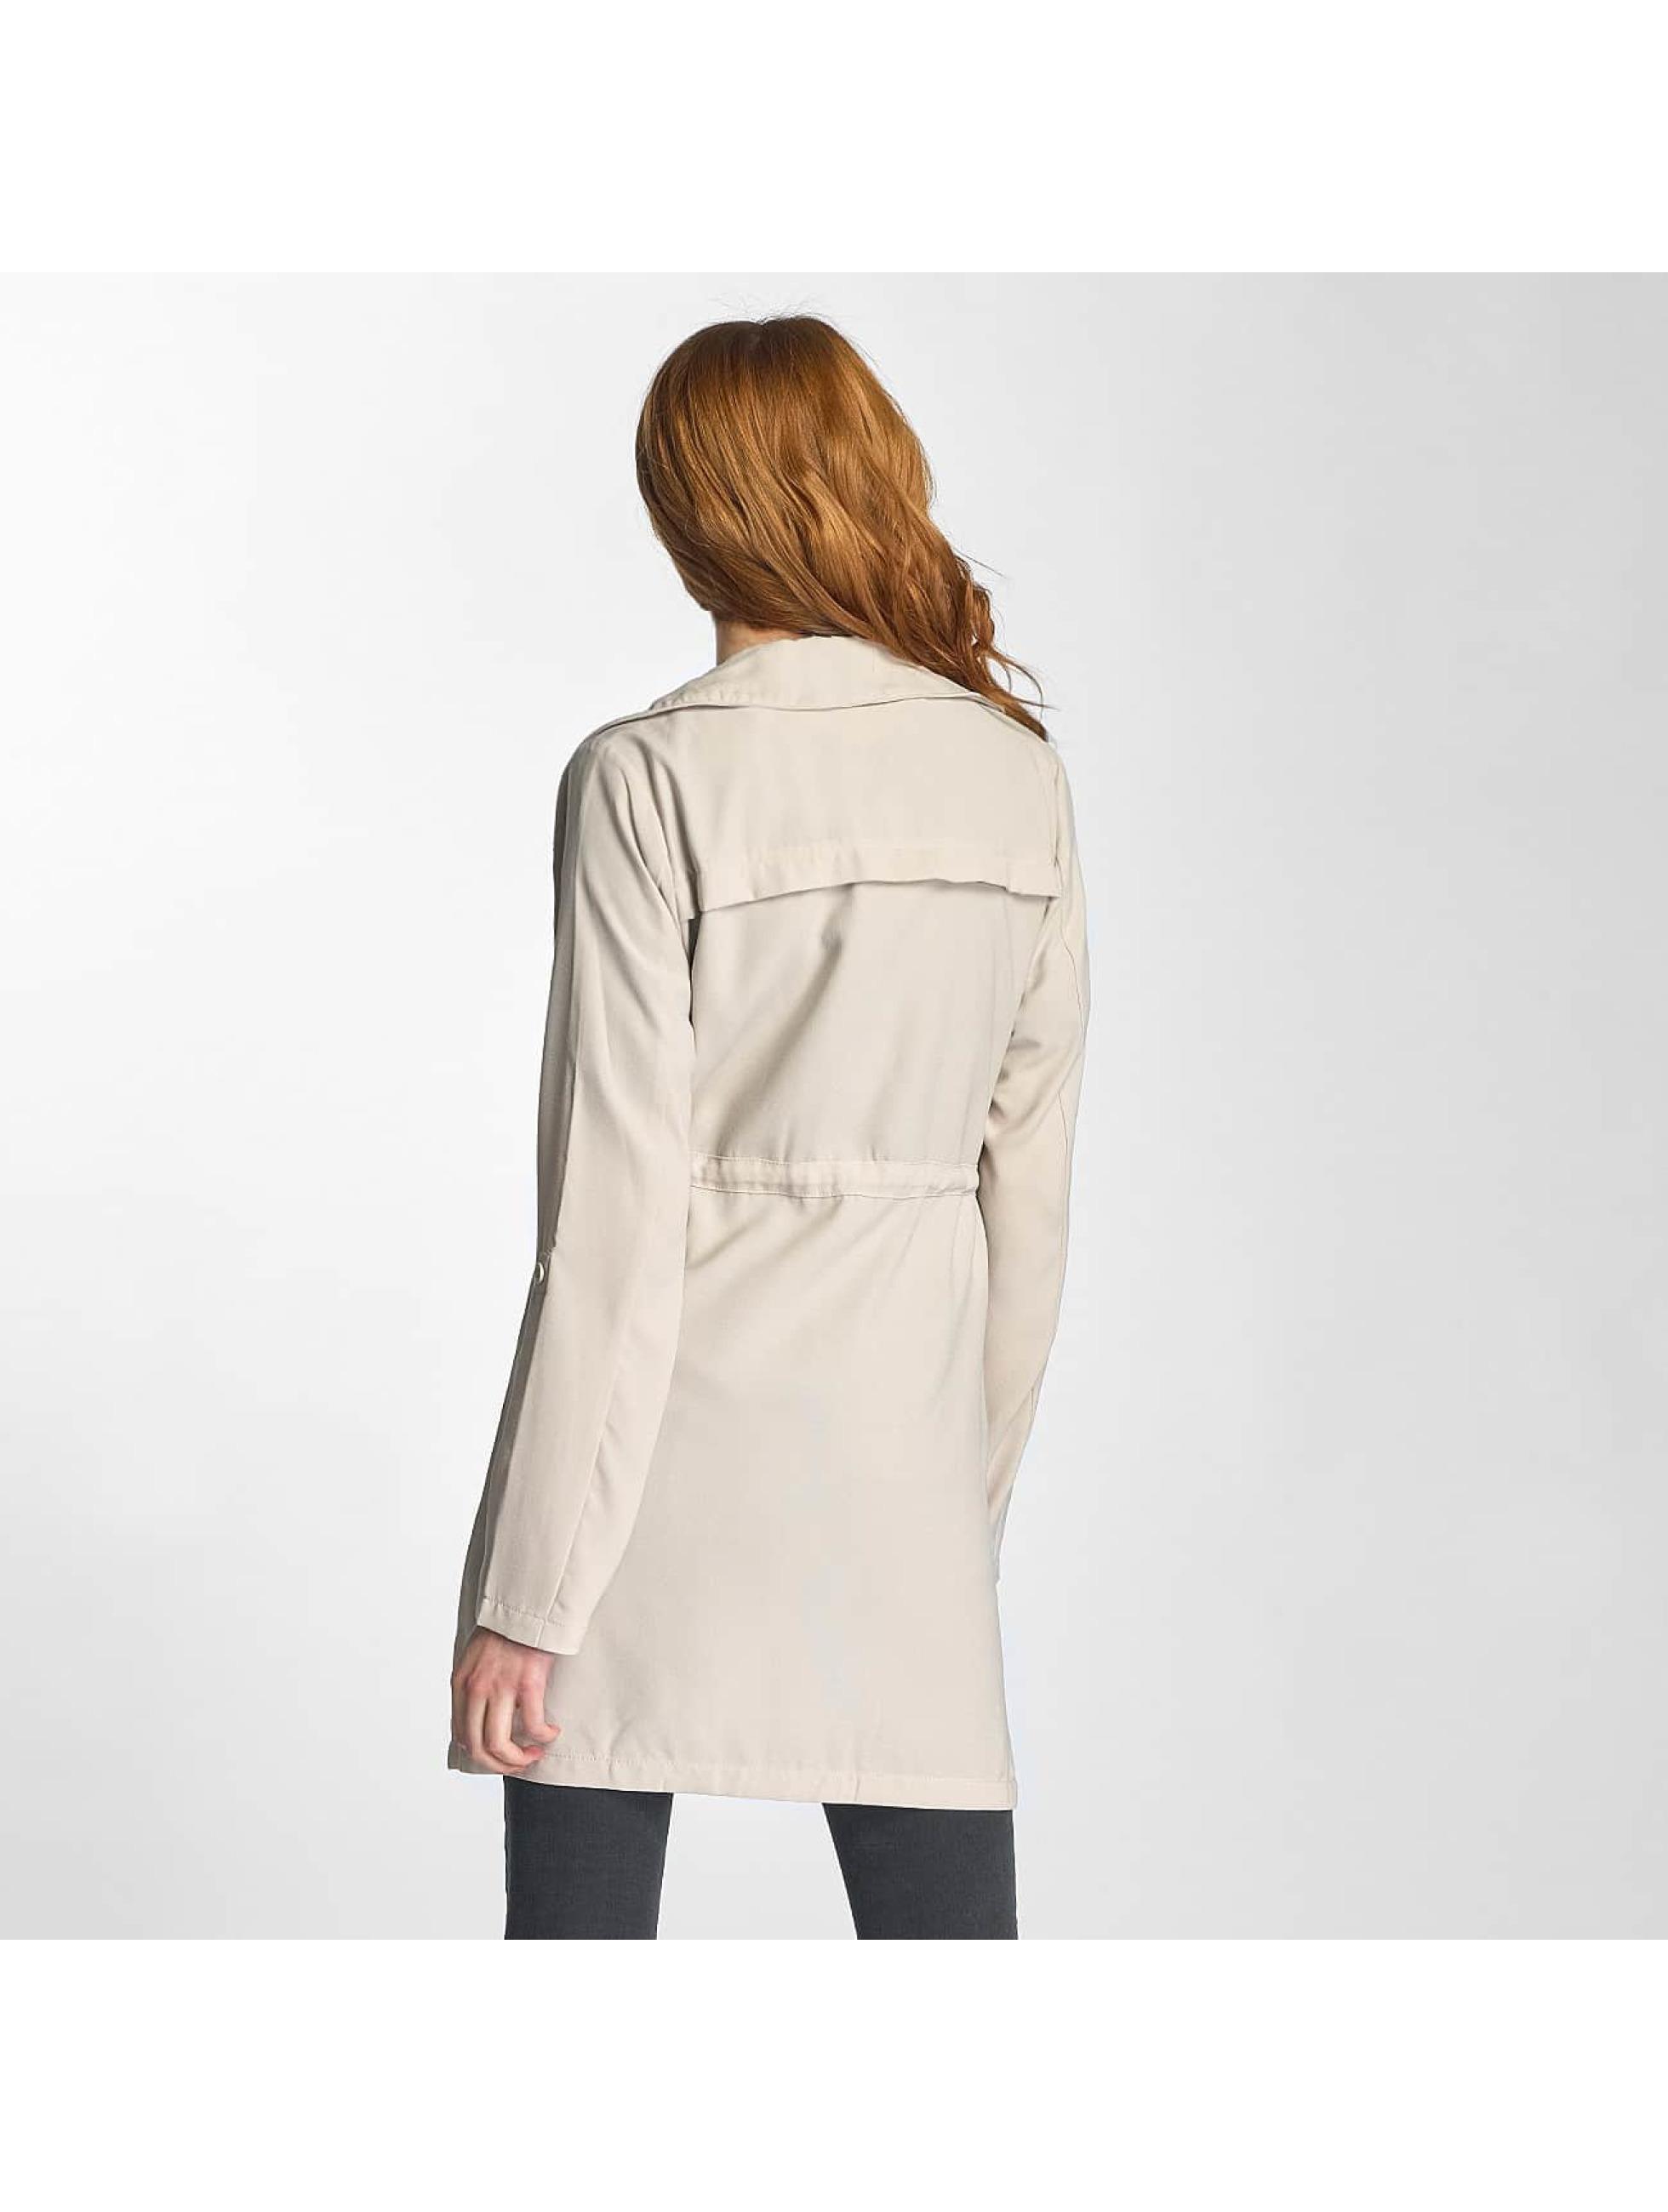 Vero Moda Lightweight Jacket VMMerci Drapy beige